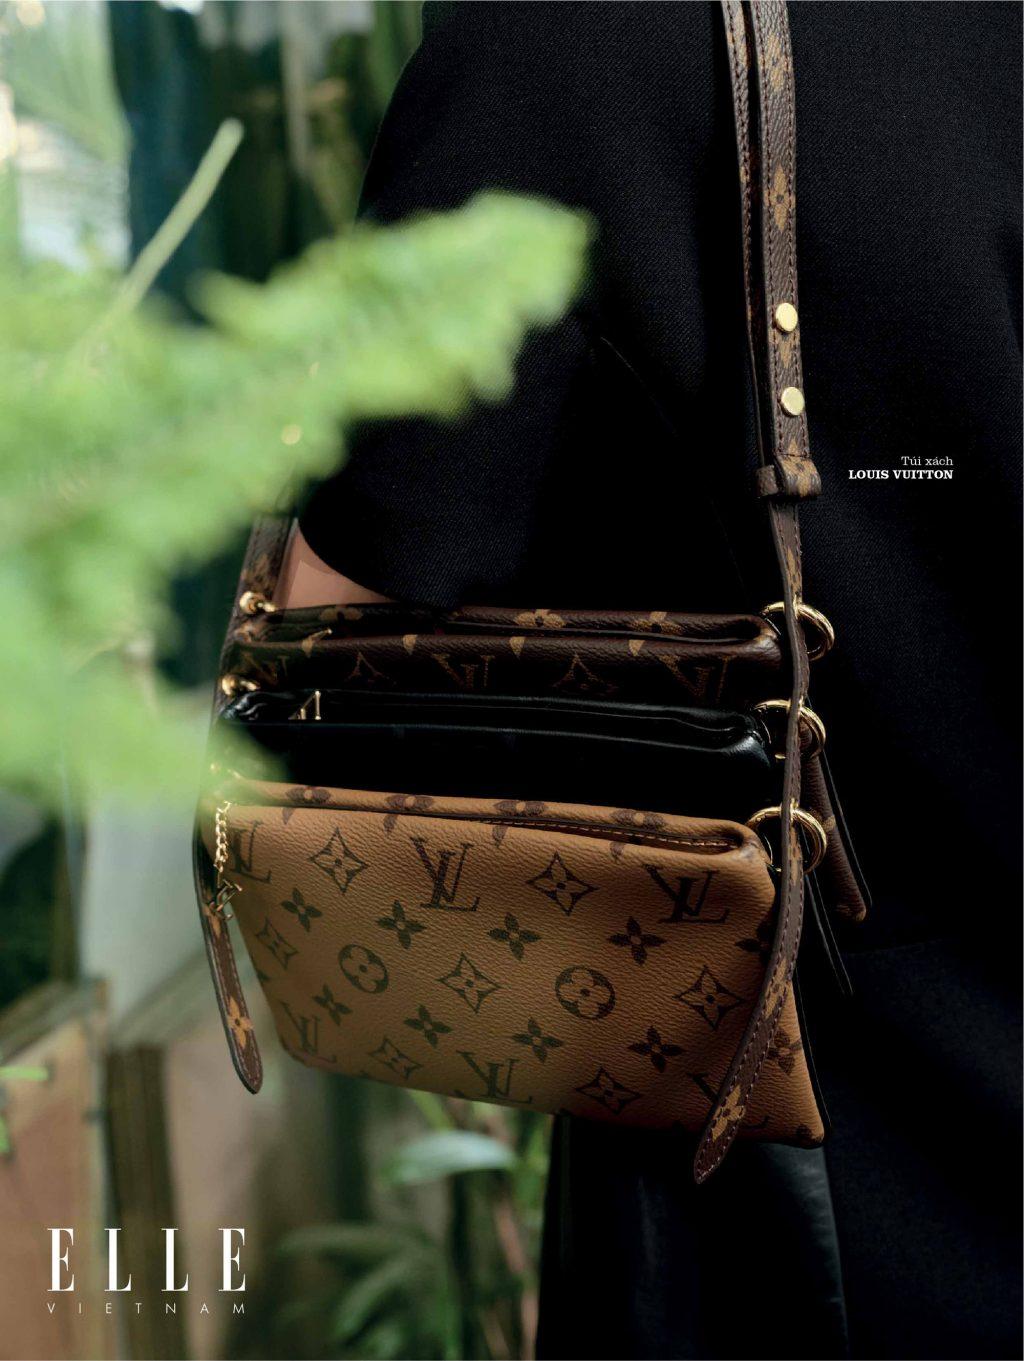 bộ ảnh thời trang túi xách kinh điển của Louis Vuitton